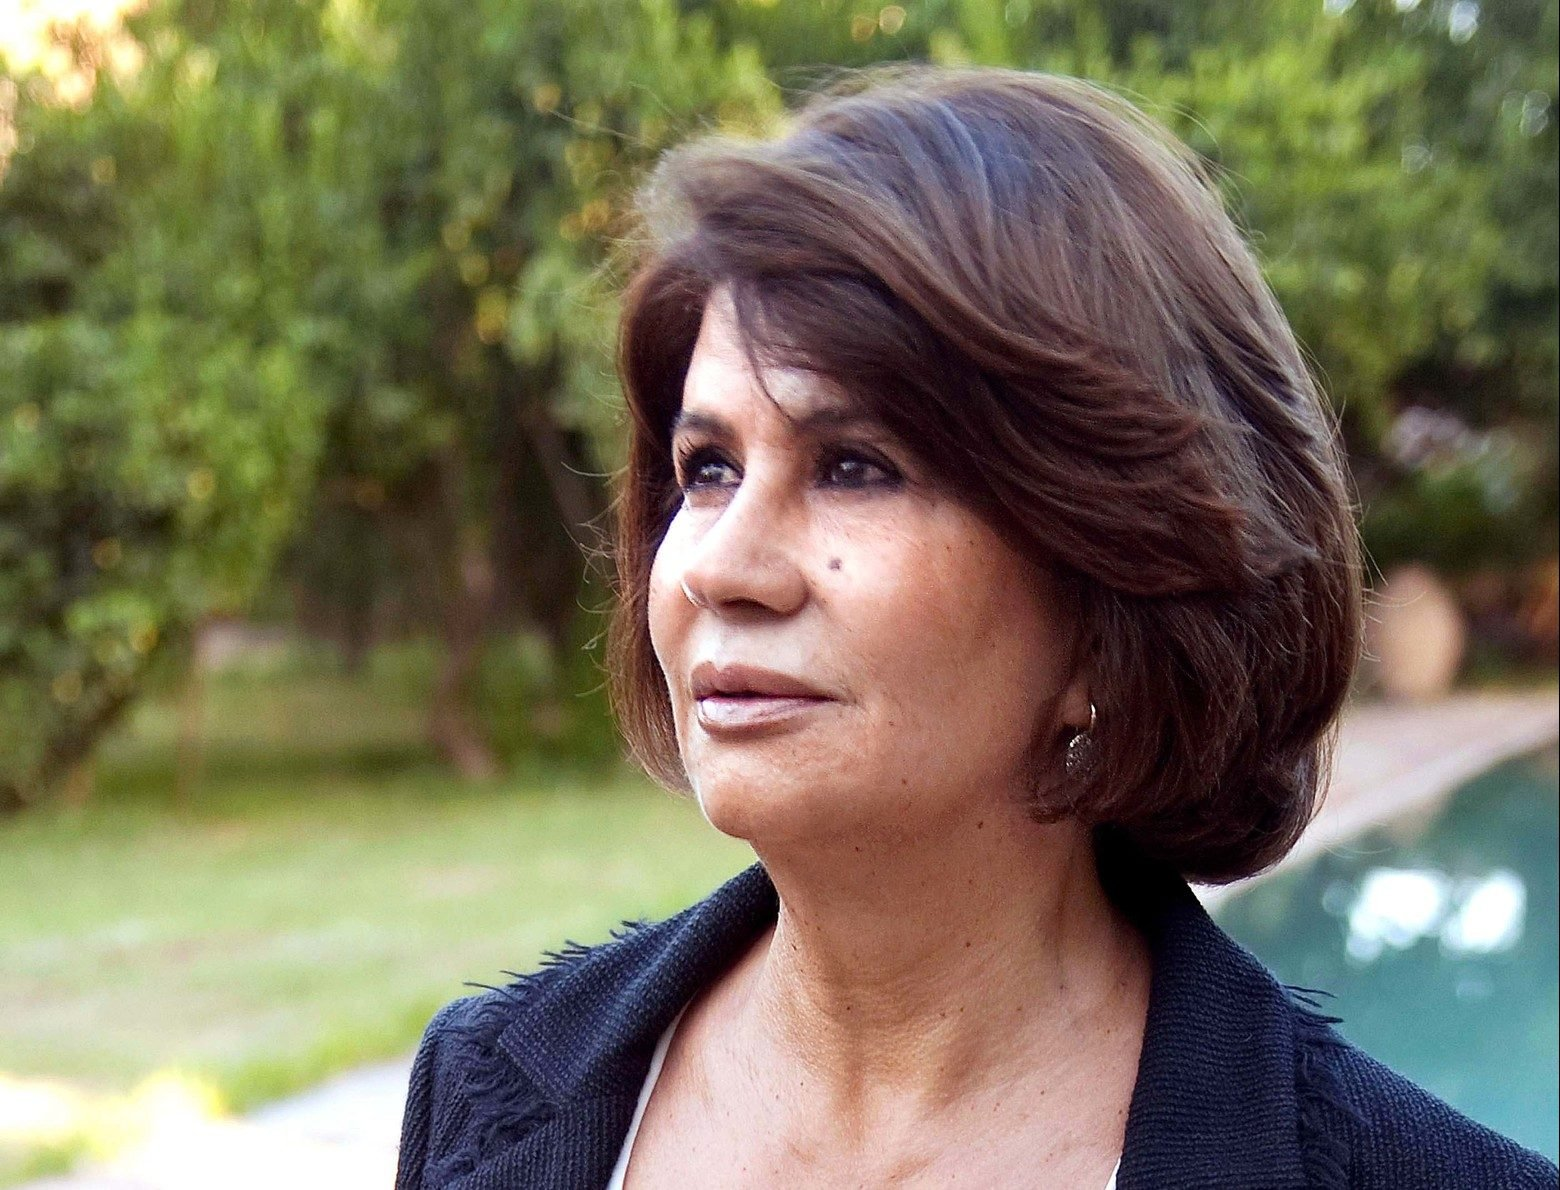 Rita Bennis jure qu'elle détient une participation majoritaire.